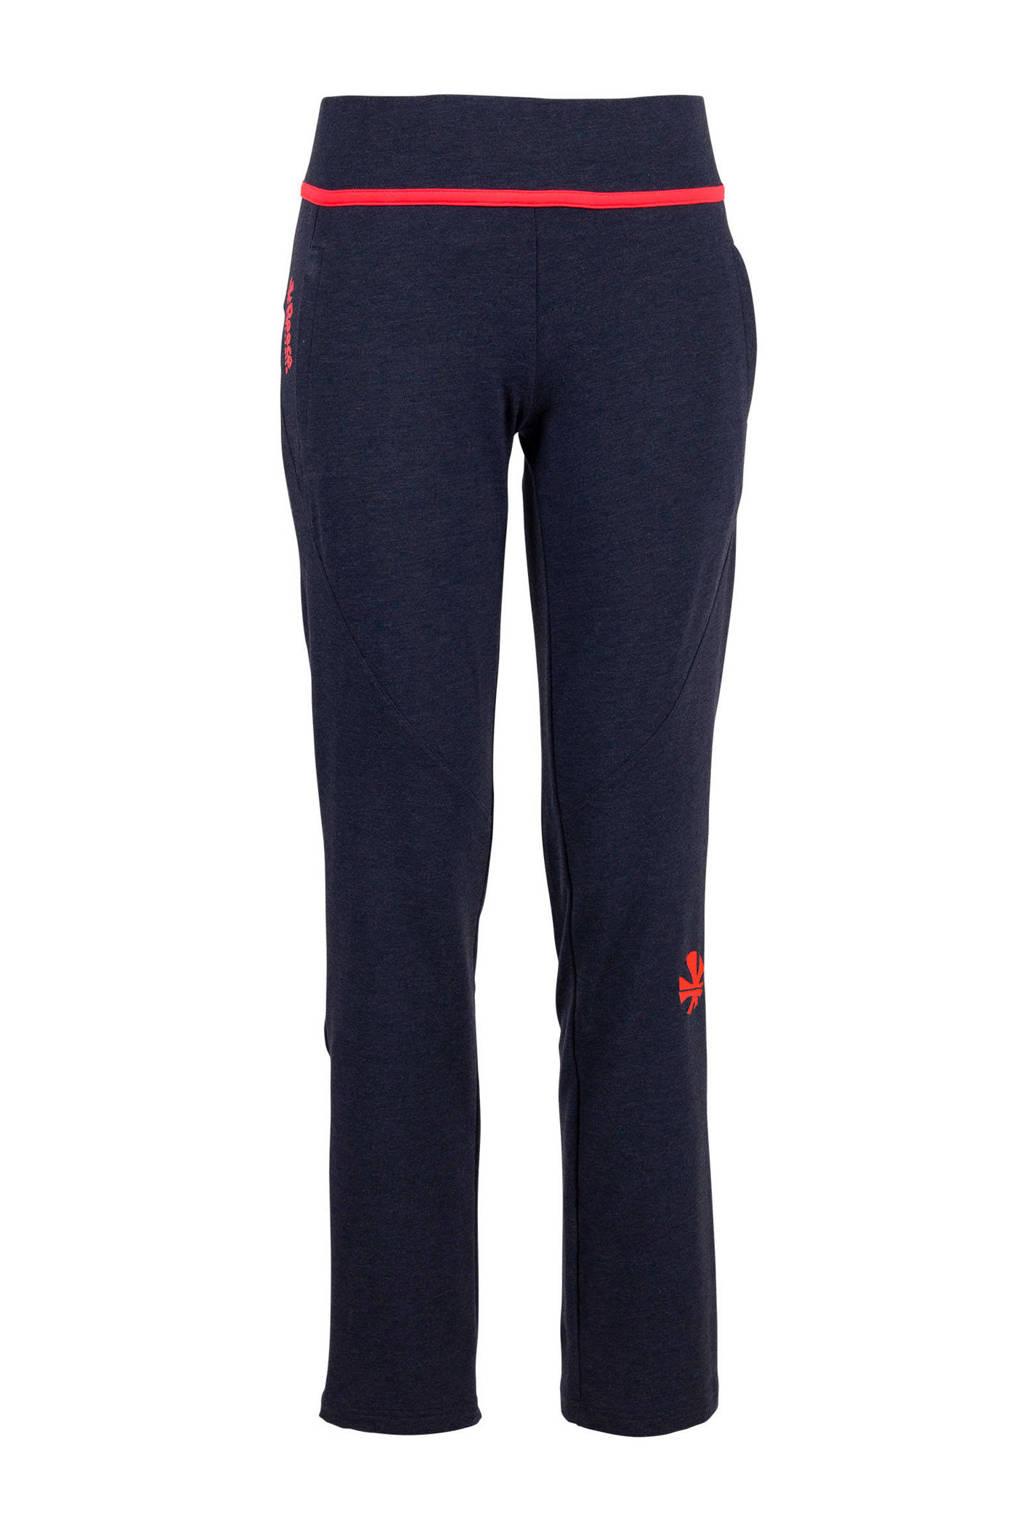 Reece Australia trainingsbroek donkerblauw/roze, Dames